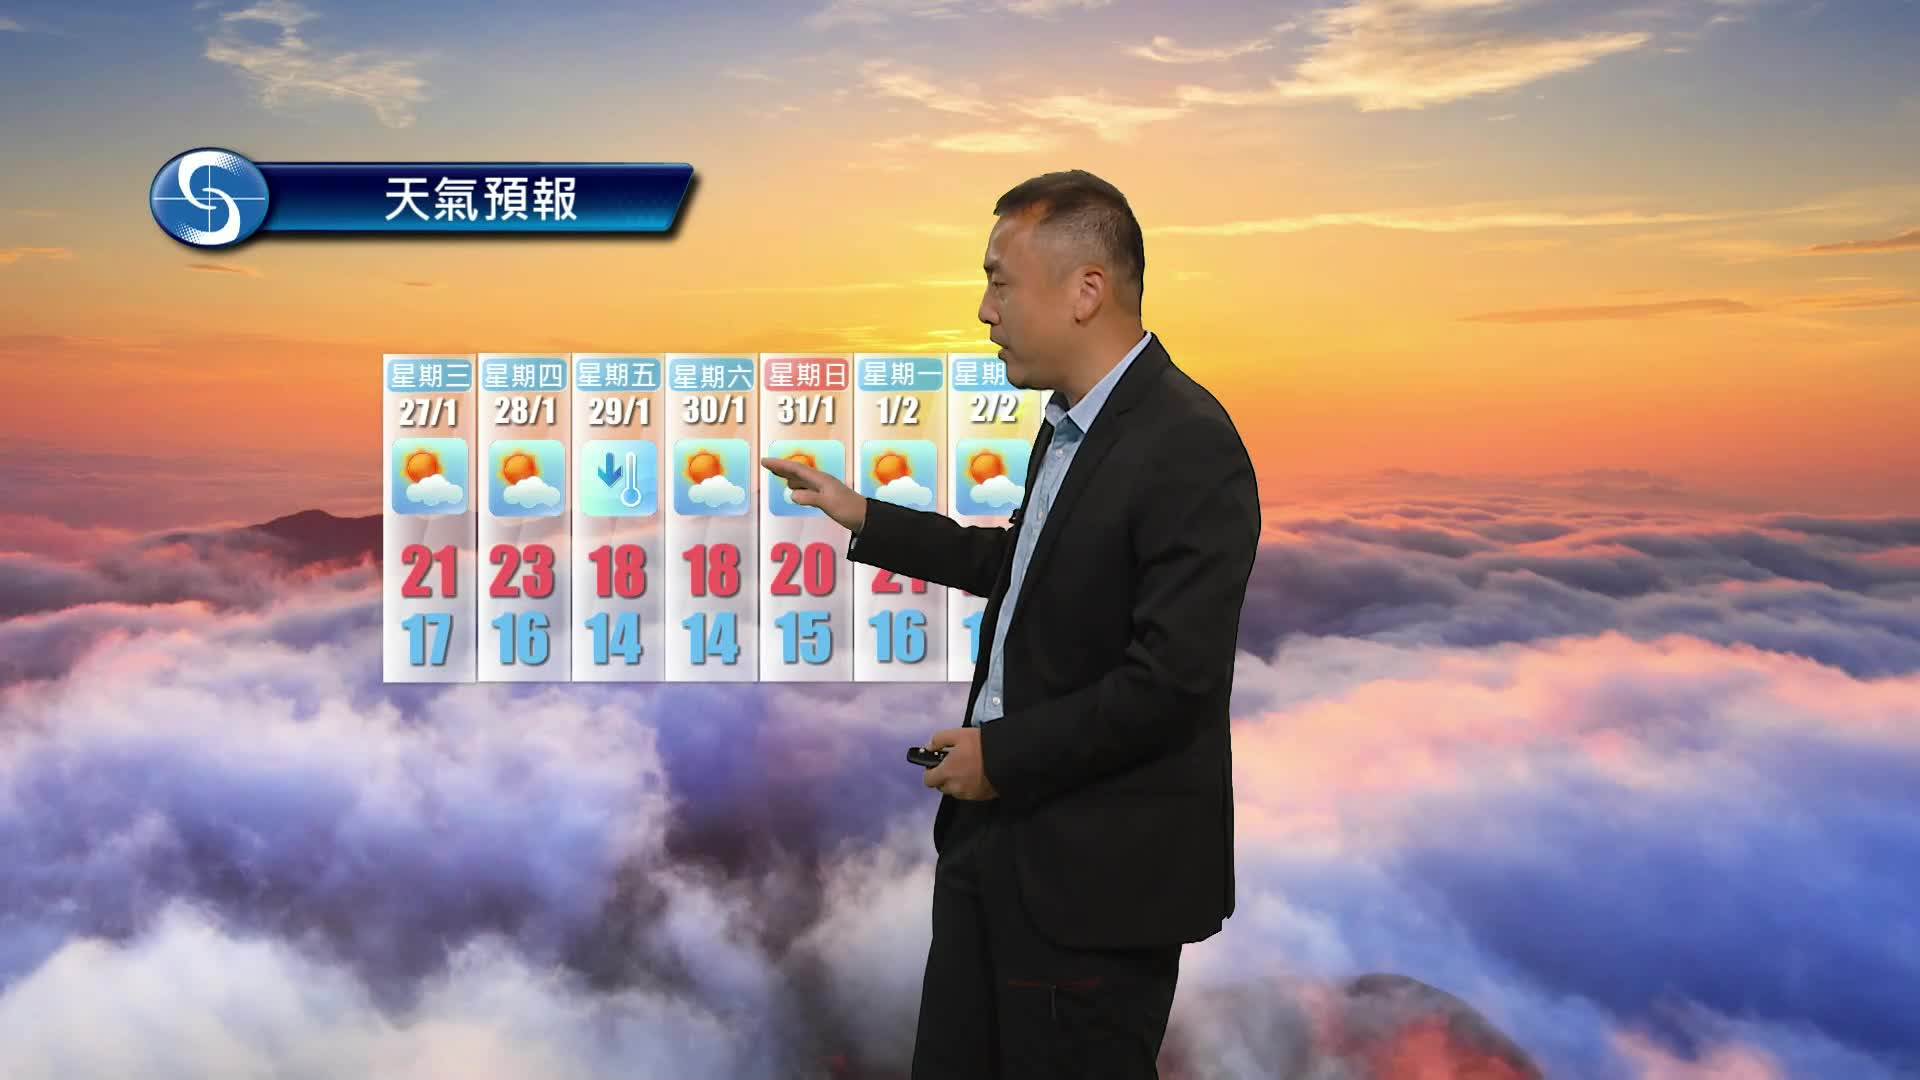 早晨天氣節目(01月26日上午8時) - 科學主任沈志泰